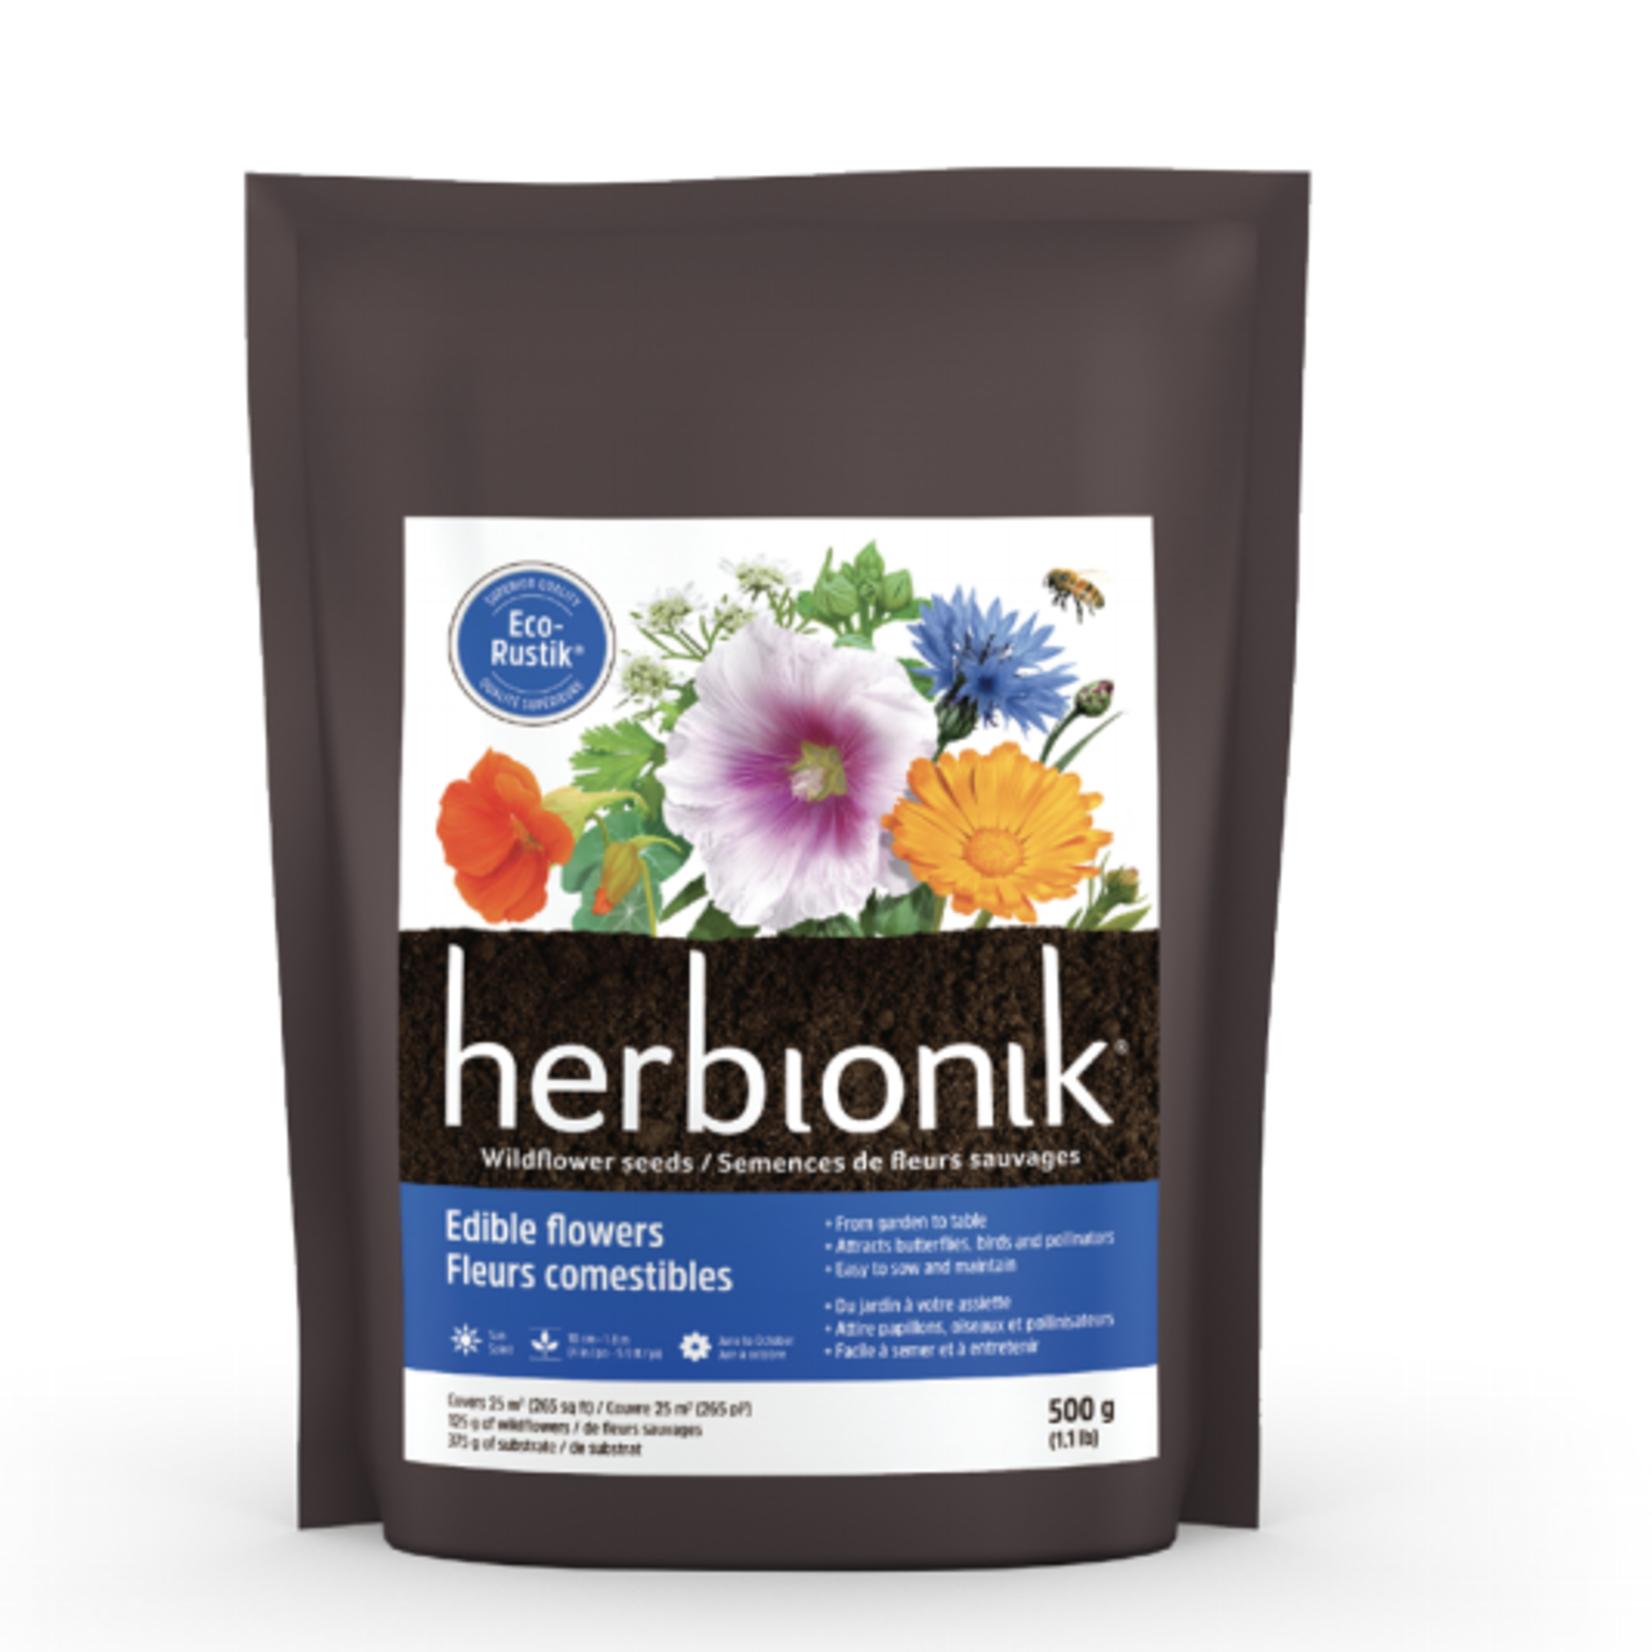 Herbionik Edible Flowers Wildflower Seeds 500g